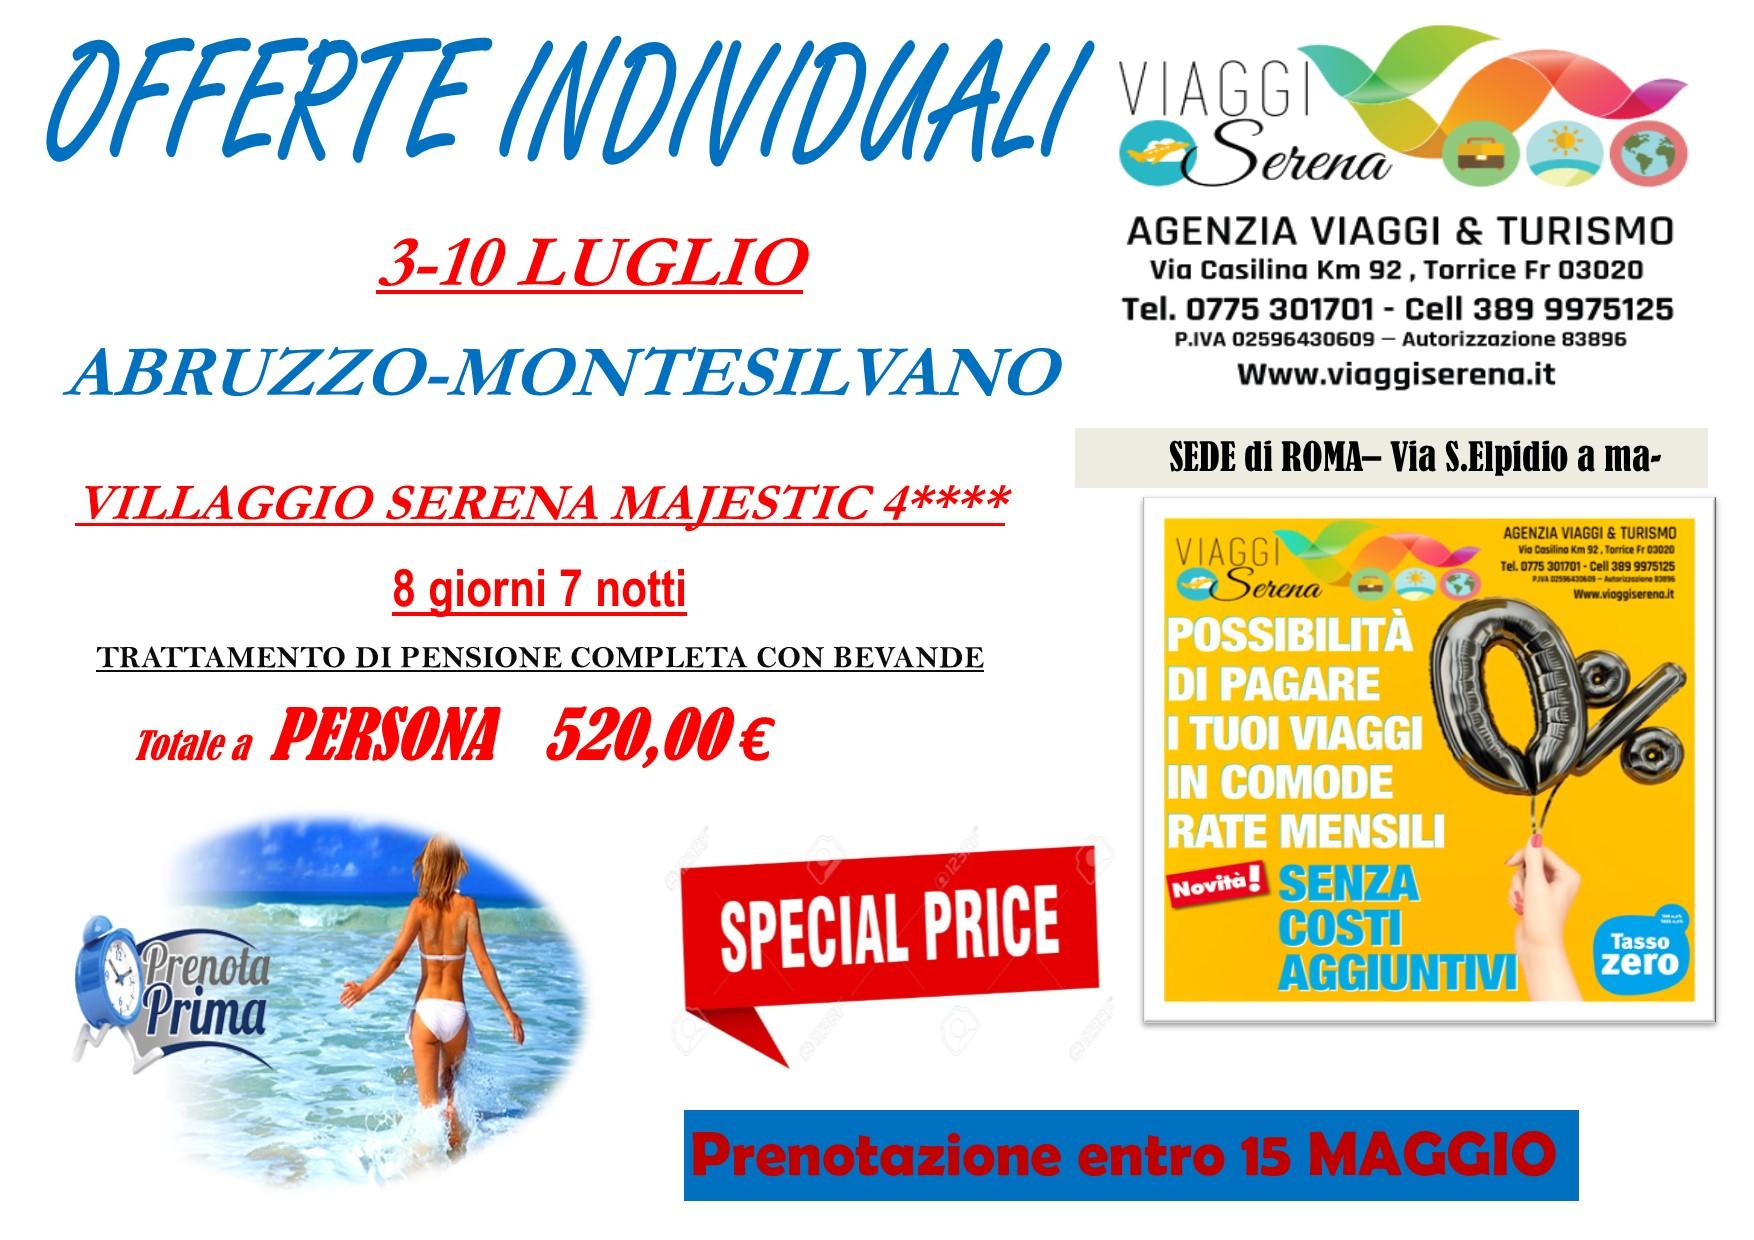 """Offerte Individuali : soggiorno mare con """"prenota prima"""" Abruzzo-Montesilvano !!!"""